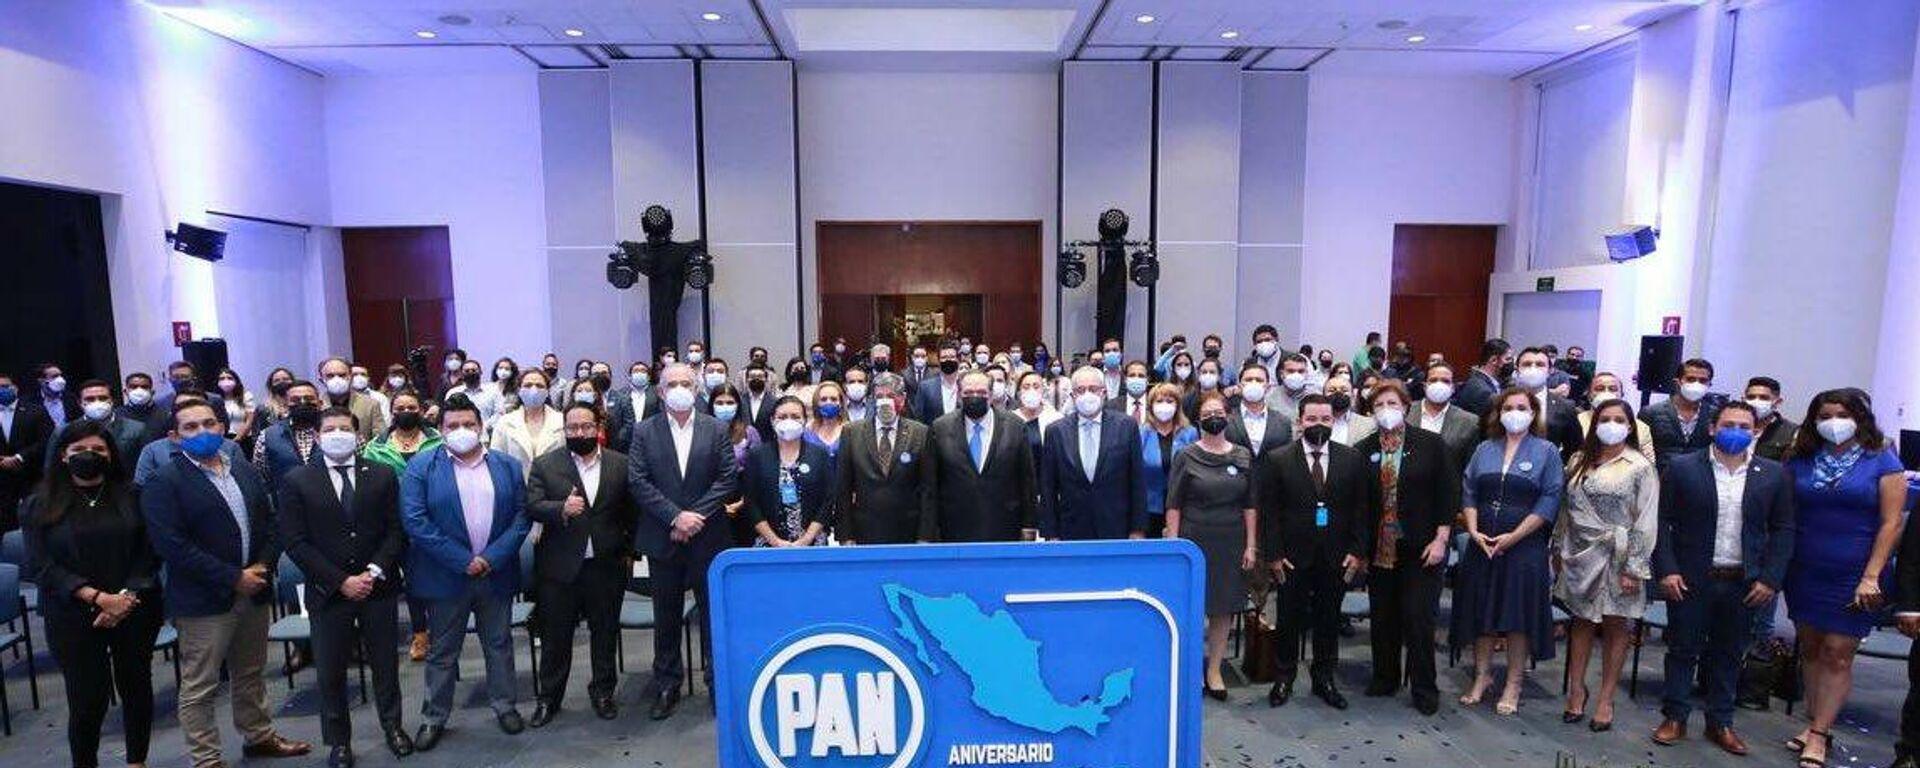 Partido Acción Nacional (PAN) cumple 82 años  - Sputnik Mundo, 1920, 13.10.2021